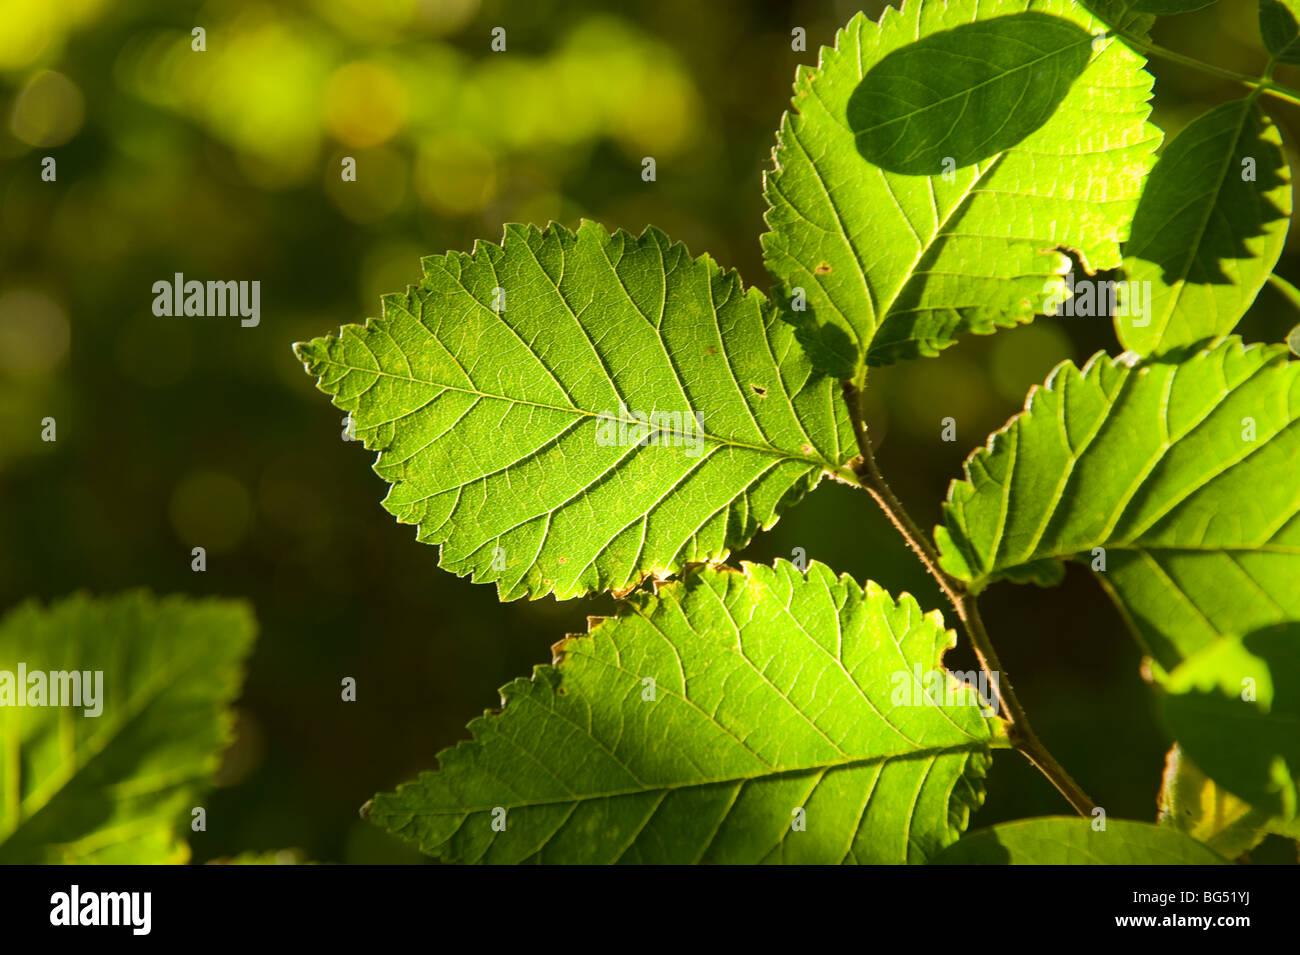 Beleuchtete grüne Blätter Stockbild